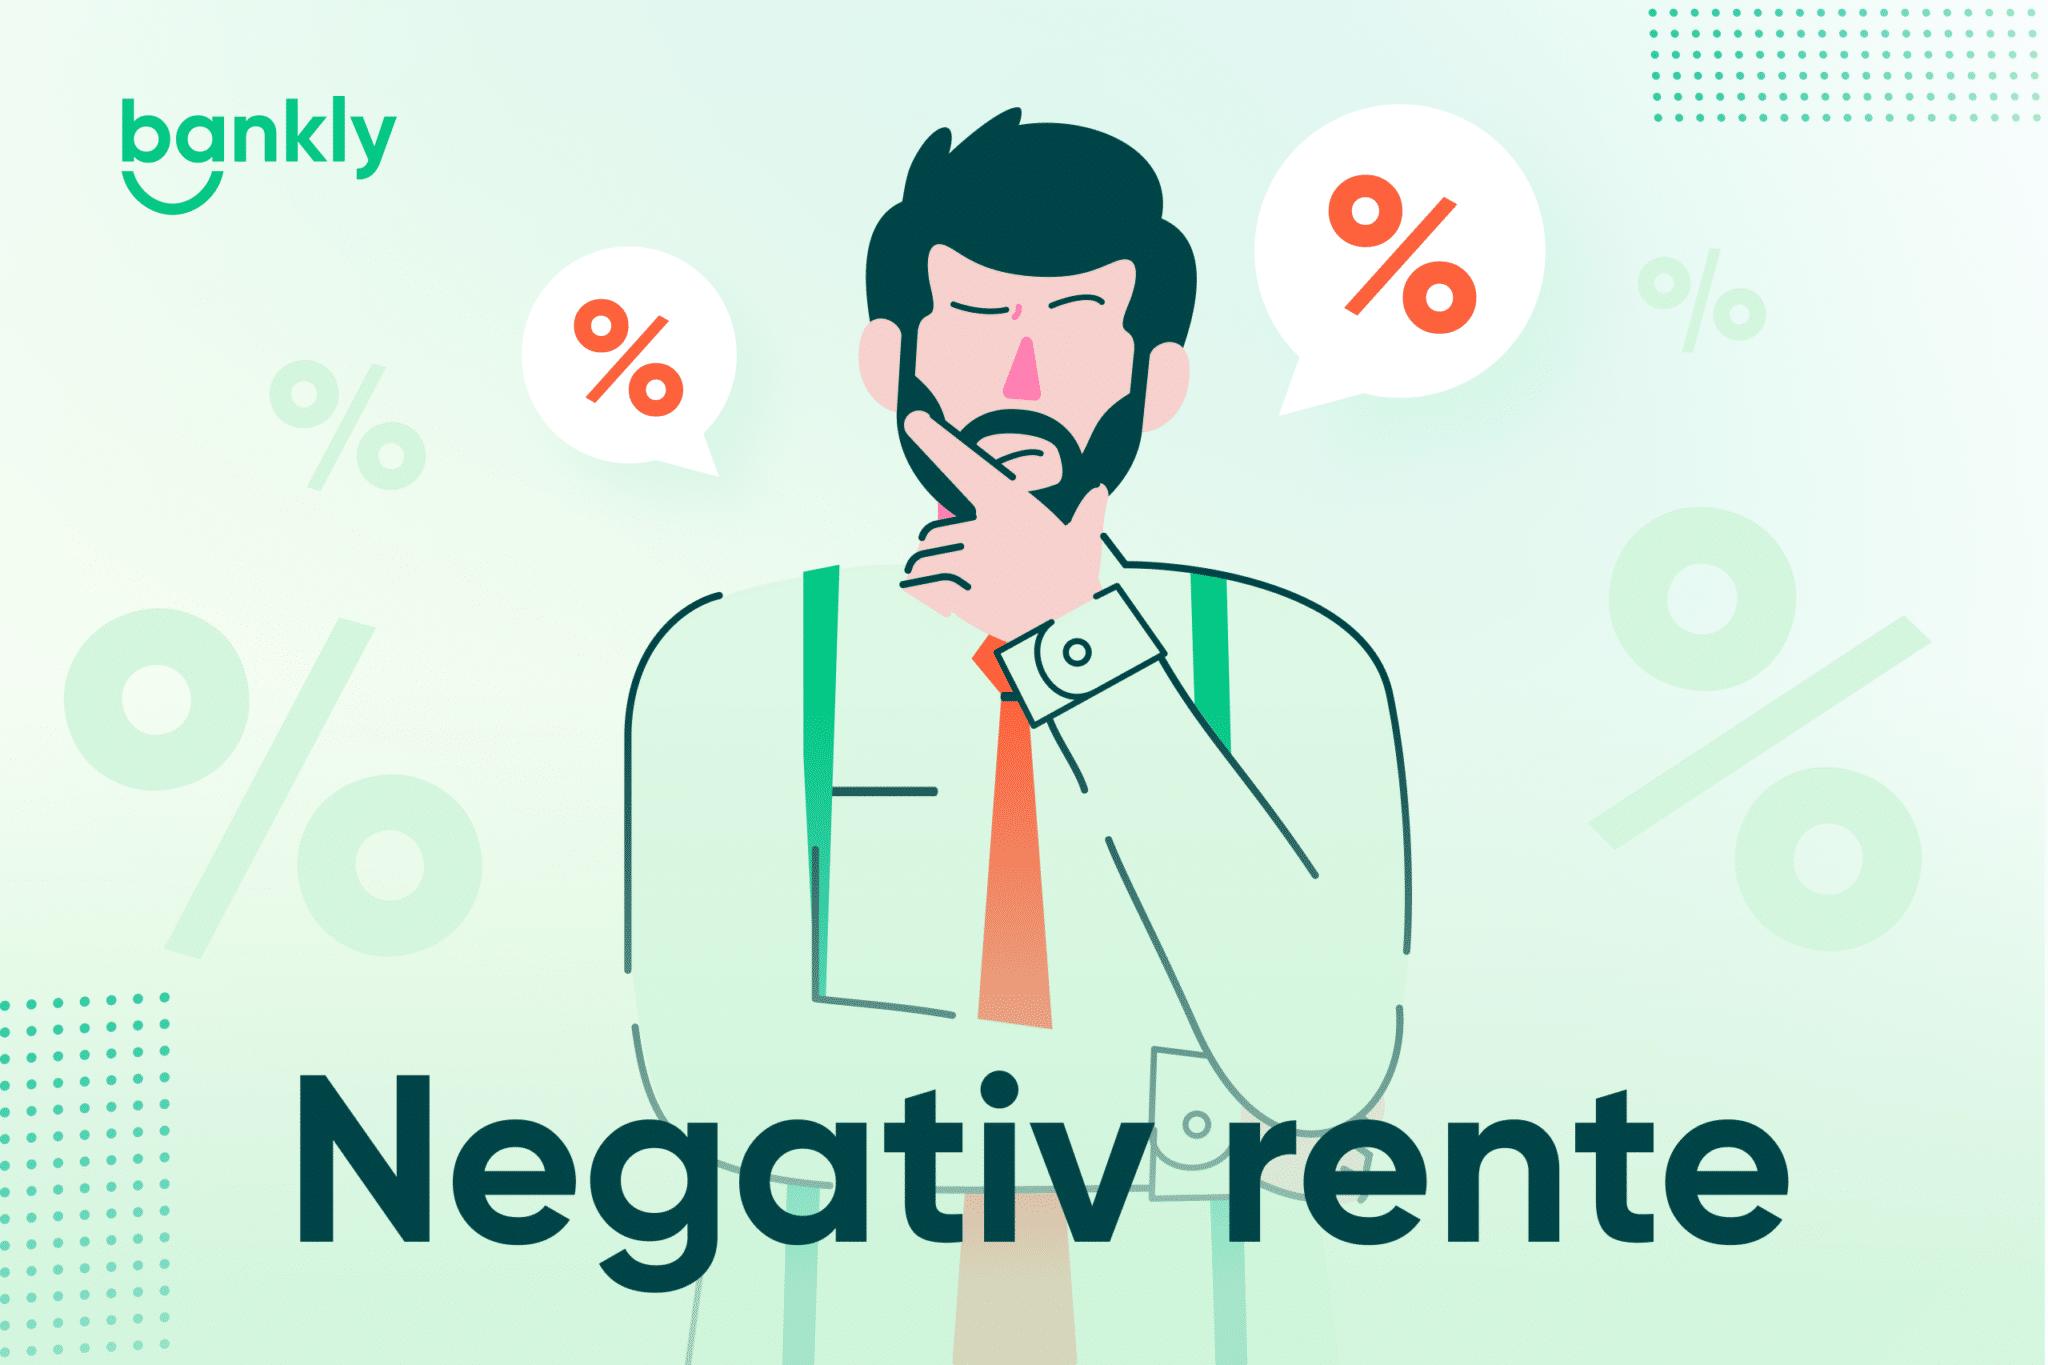 Undgå negativ rente: Alt du skal vide om negative renter